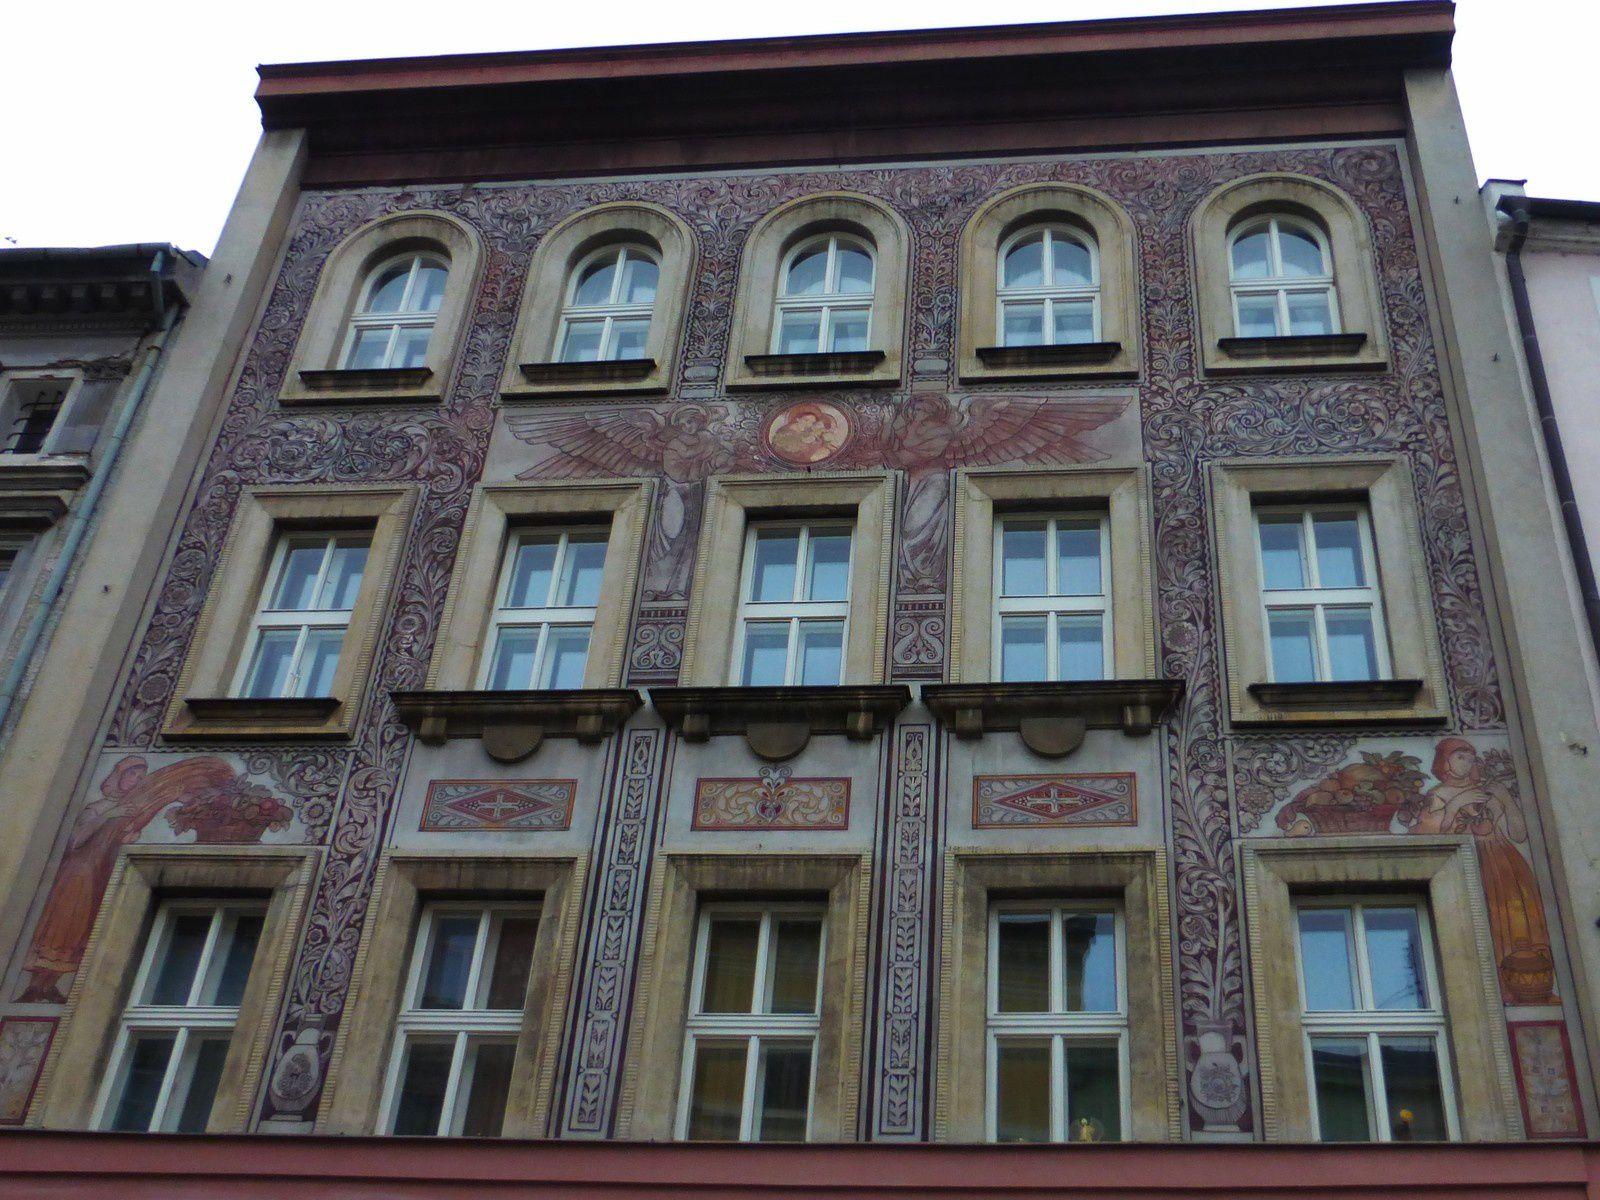 Nous avons passé une journée en amoureux à Olomouc où il faisait très froid!!!! On a vu de bien jolies façades, un manège qui aurait sans doute plu aux enfants, j'ai pris la pose devant l'horloge de la ville et on a dégusté un bon cappuccino pour se réchauffer!!!